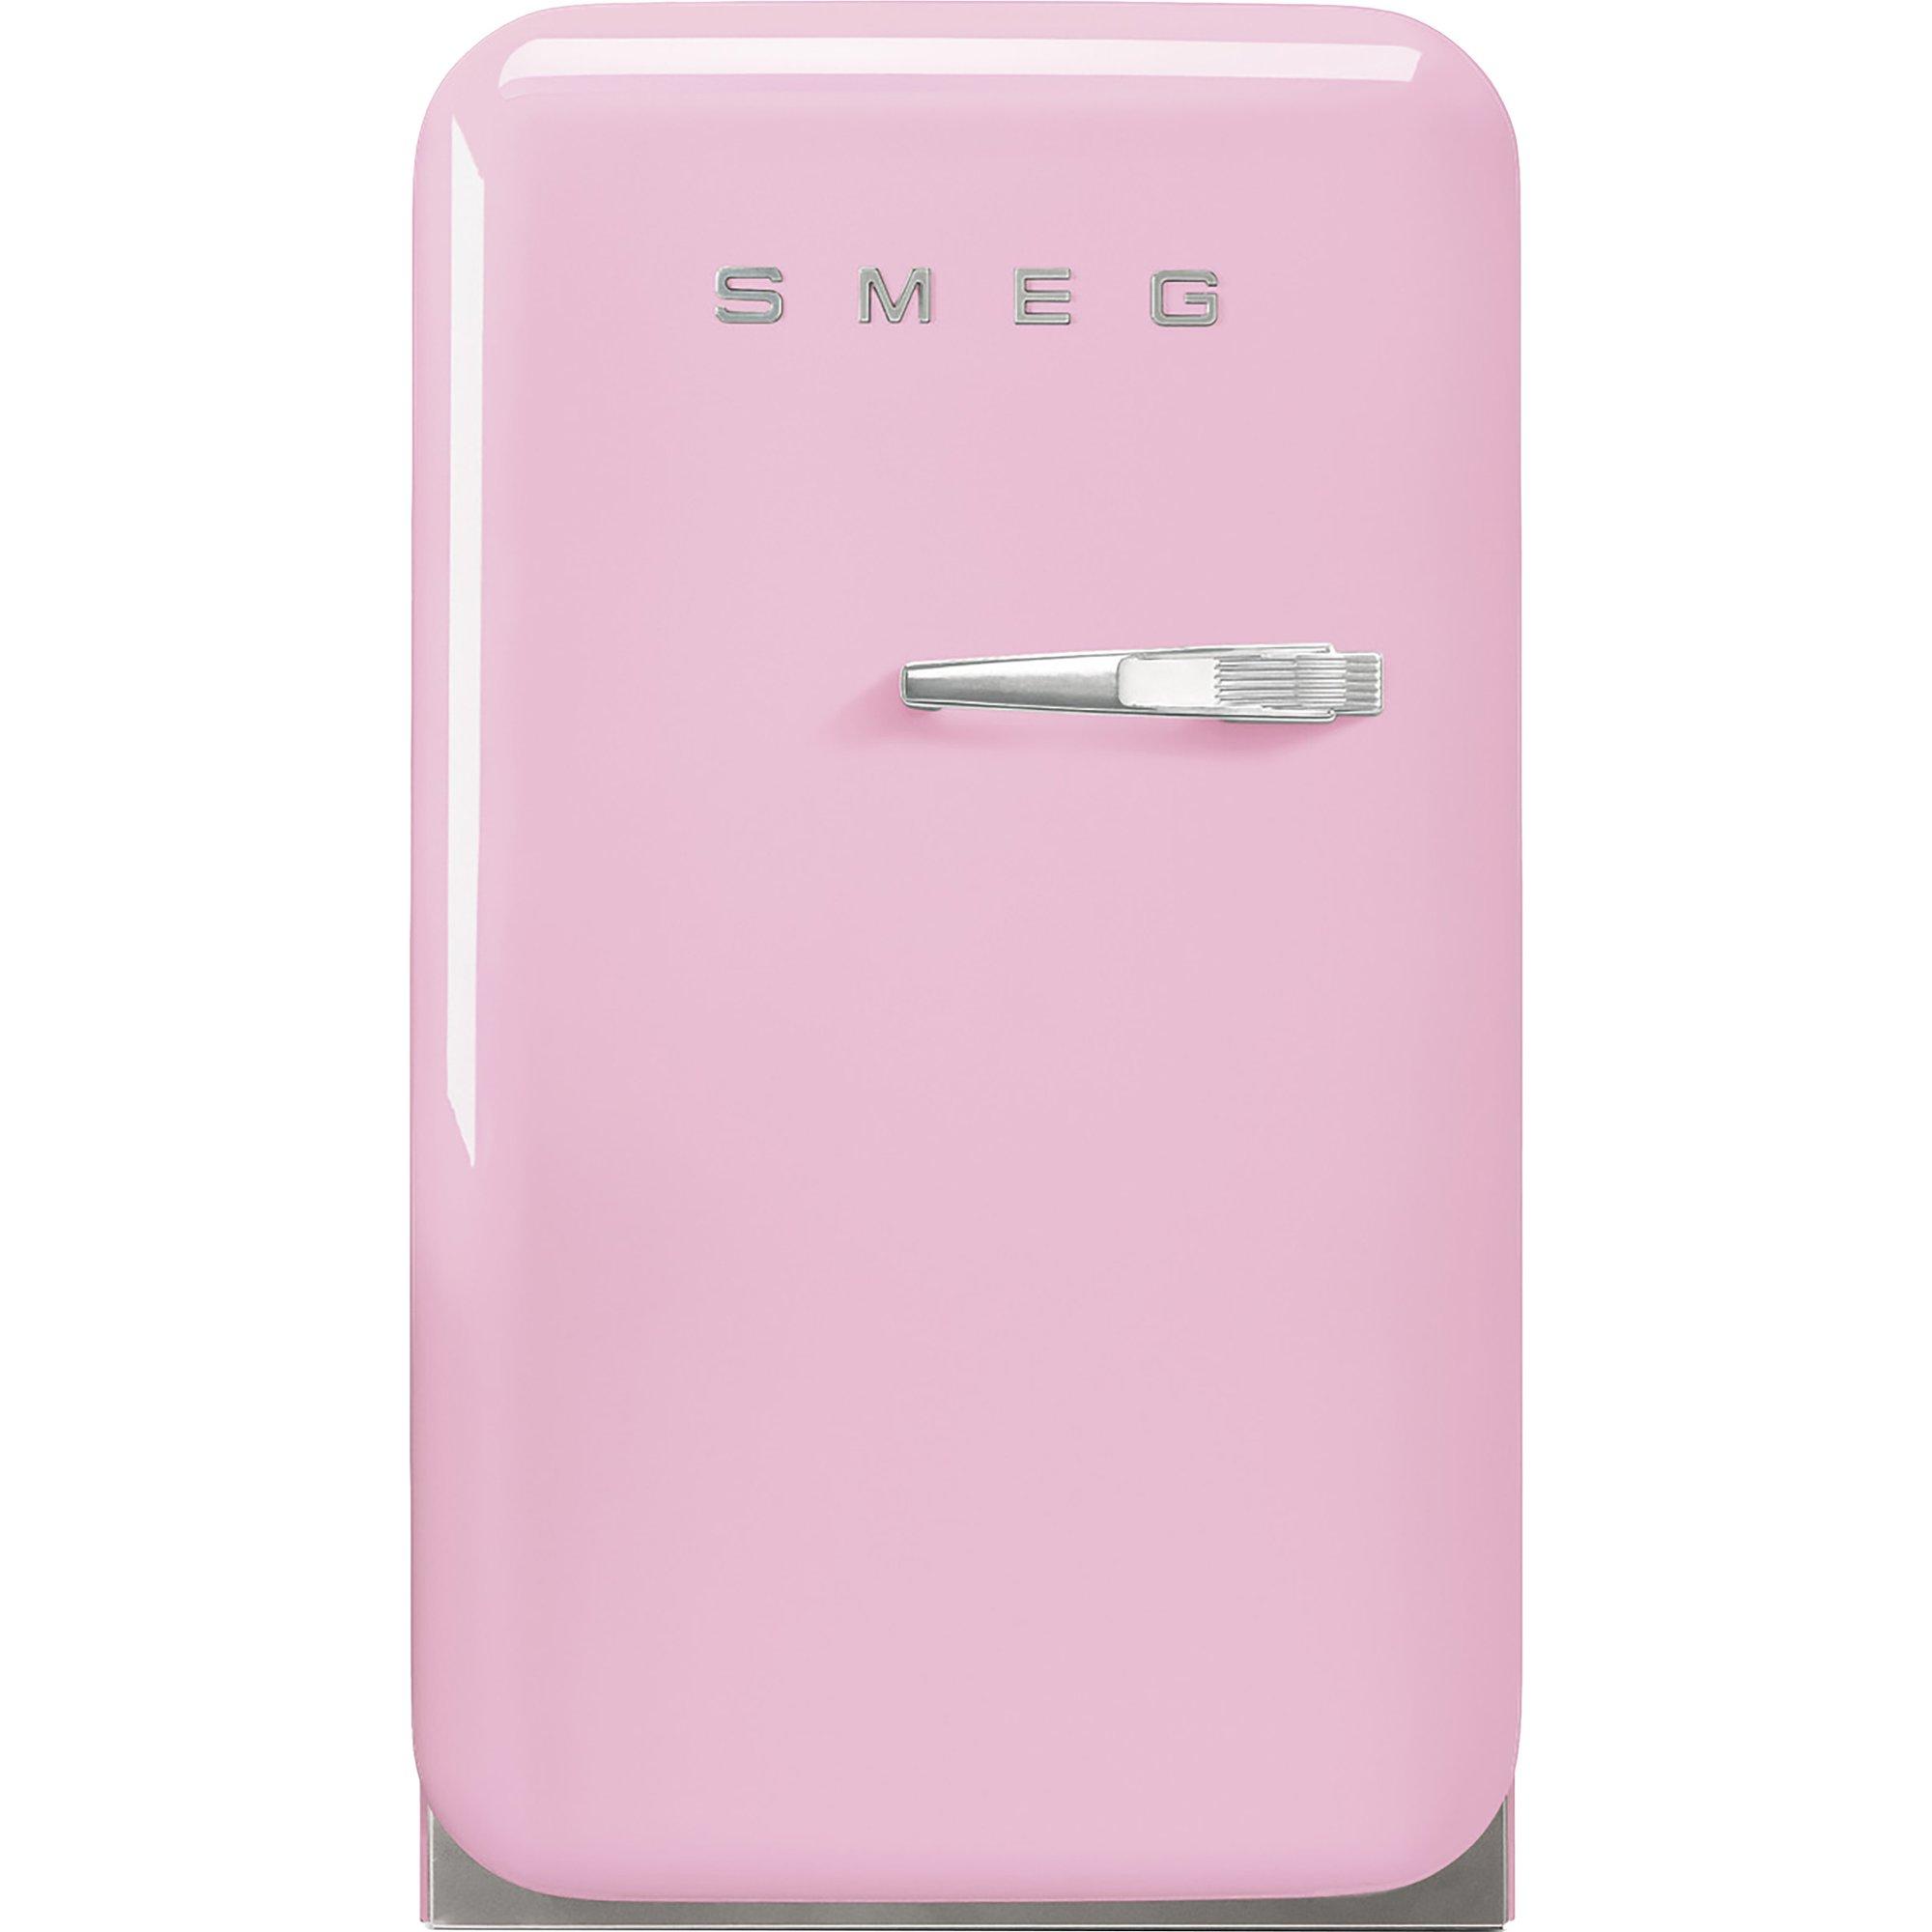 Smeg 74 cm kylskåp i retrostil vänsterhängt – rosa